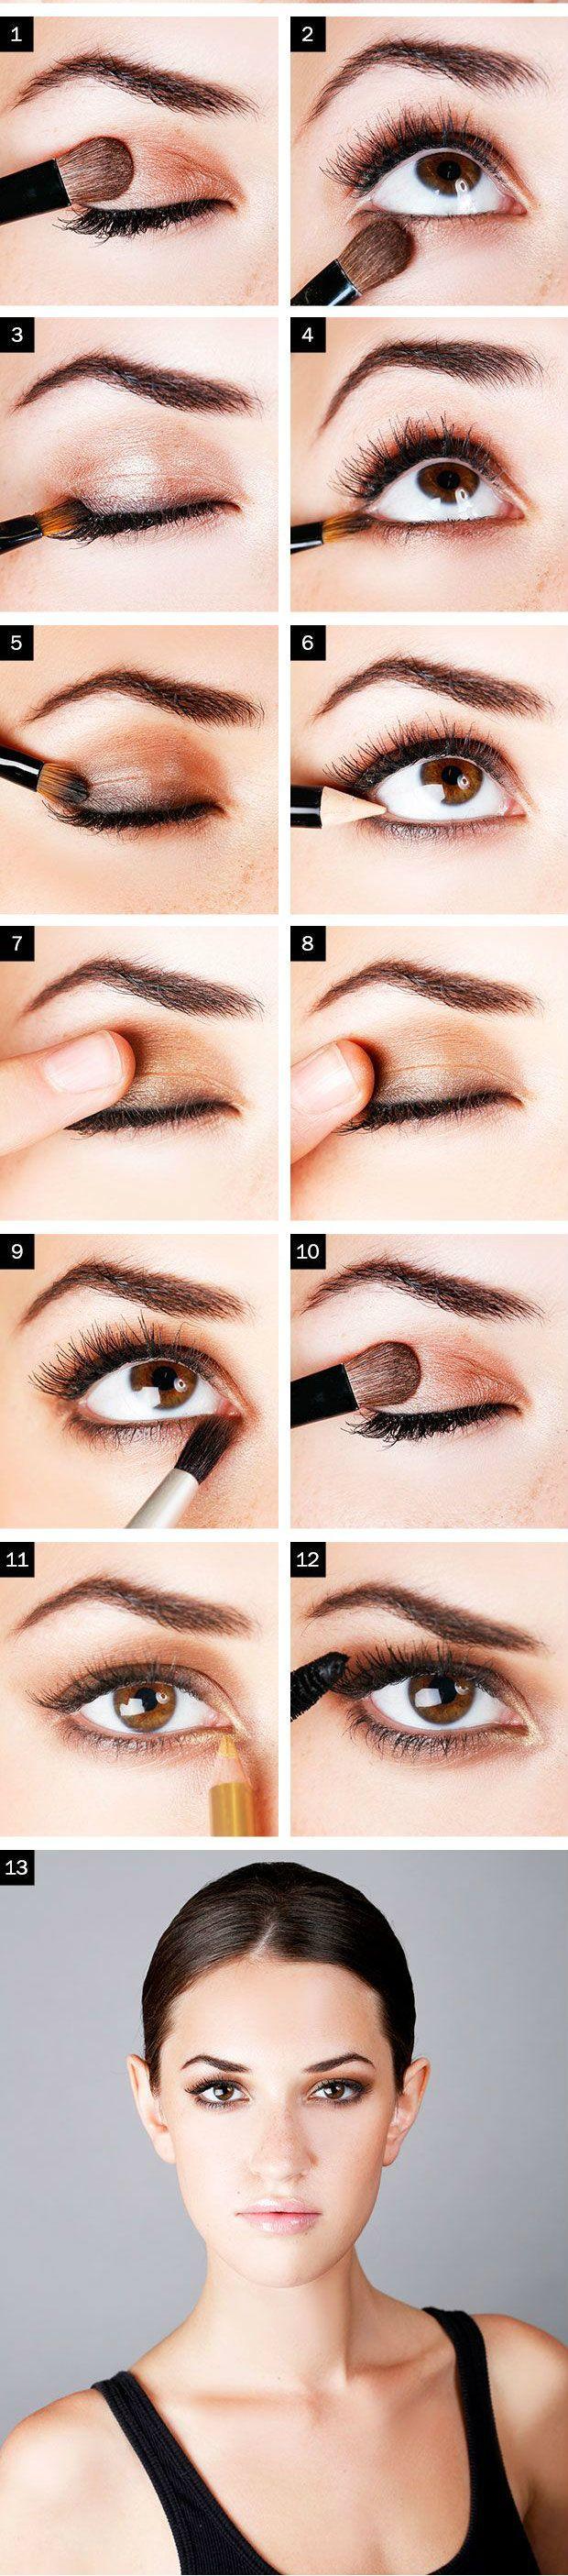 Doğal göz makyajı